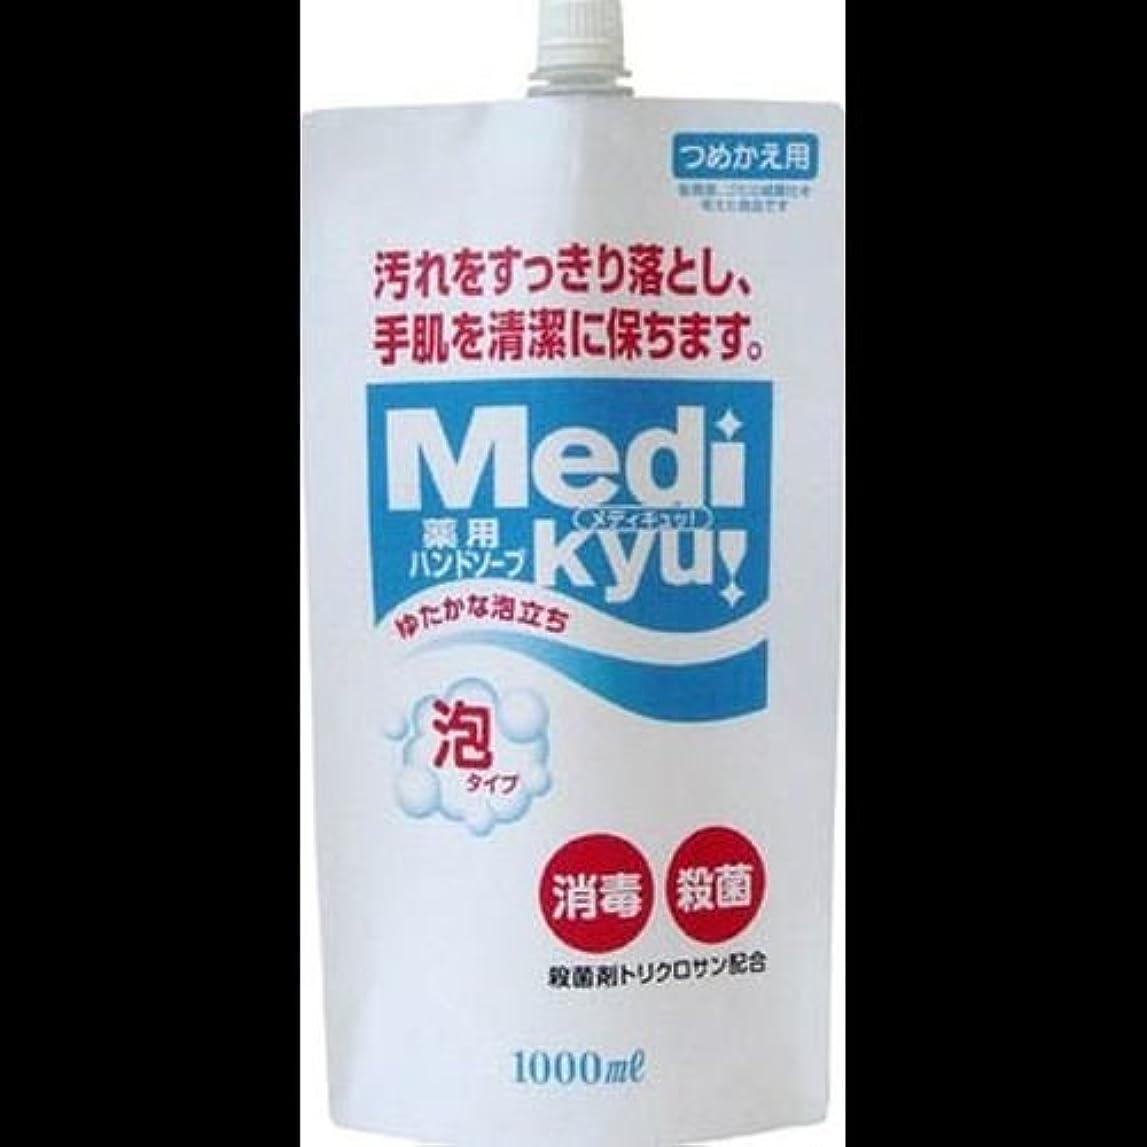 偶然料理害【まとめ買い】薬用ハンドソープ メディキュッ 泡タイプ 詰替用 1000ml ×2セット